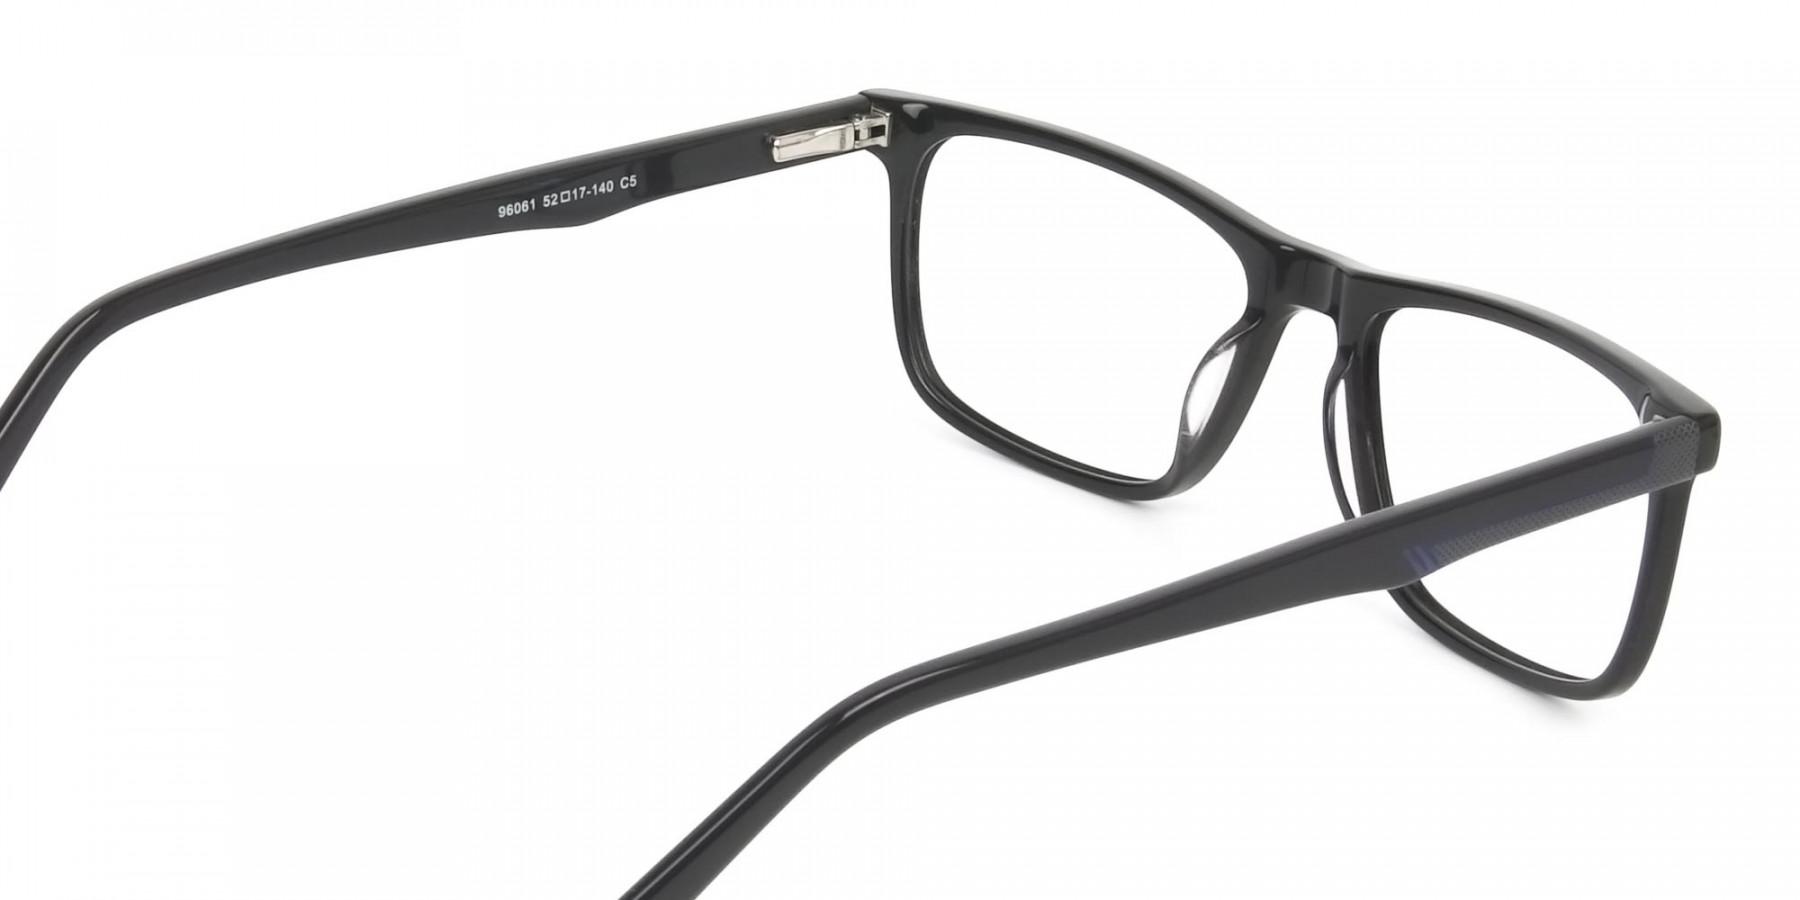 Black & Blue Temple Tips Glasses in Rectangular - 1